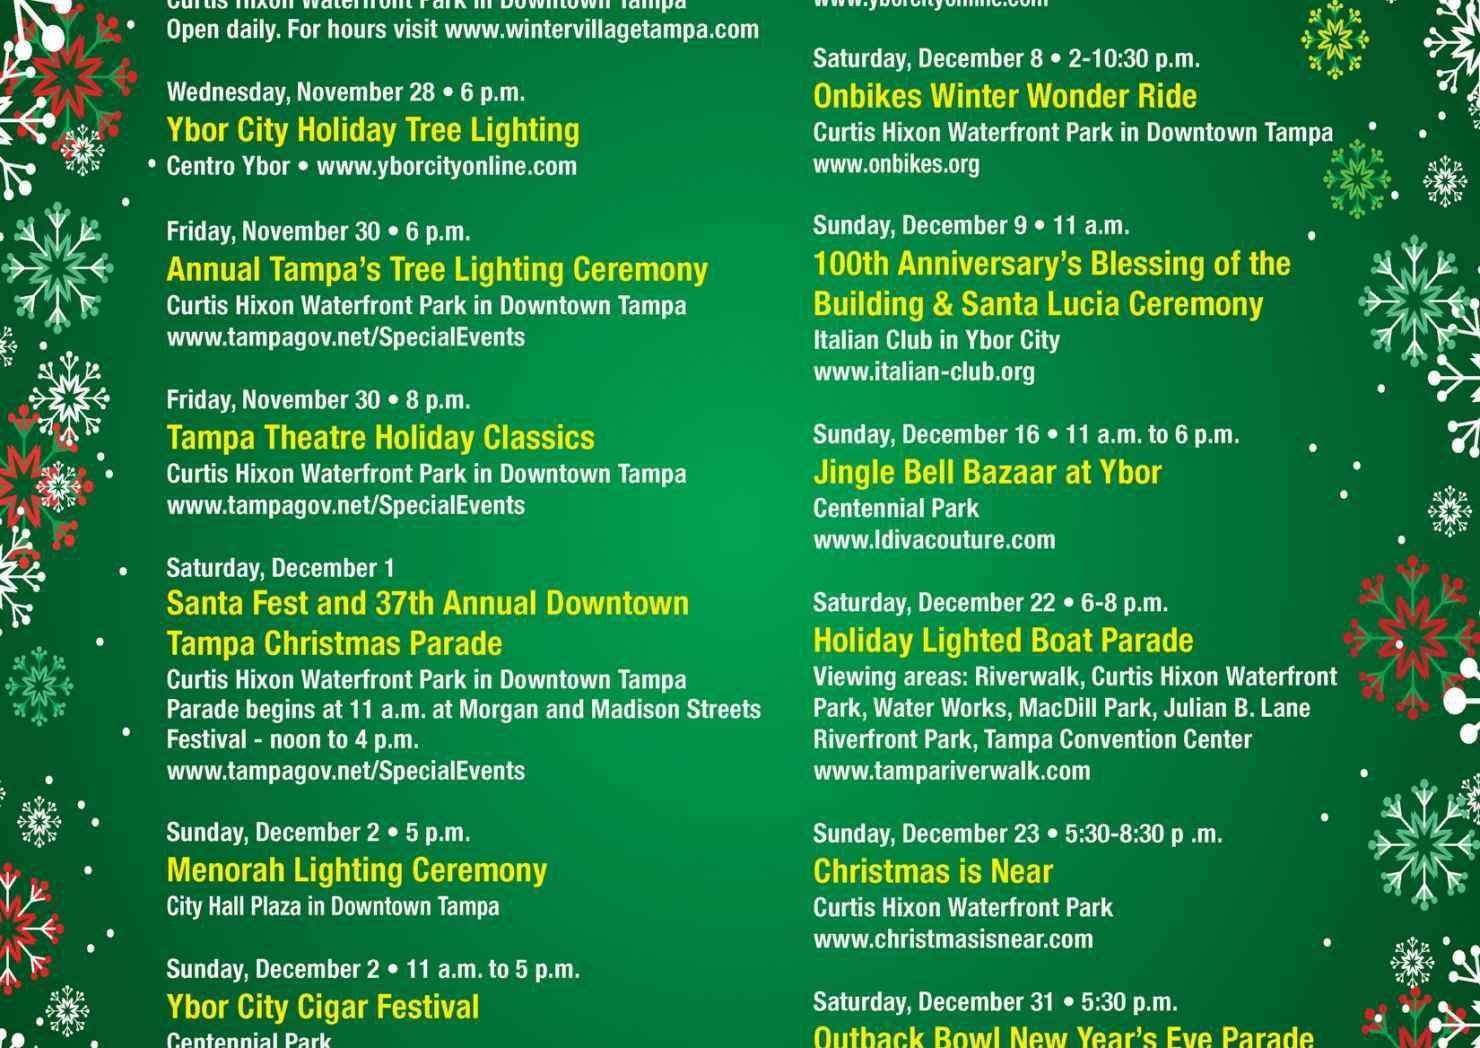 Holiday Season Event Lineup